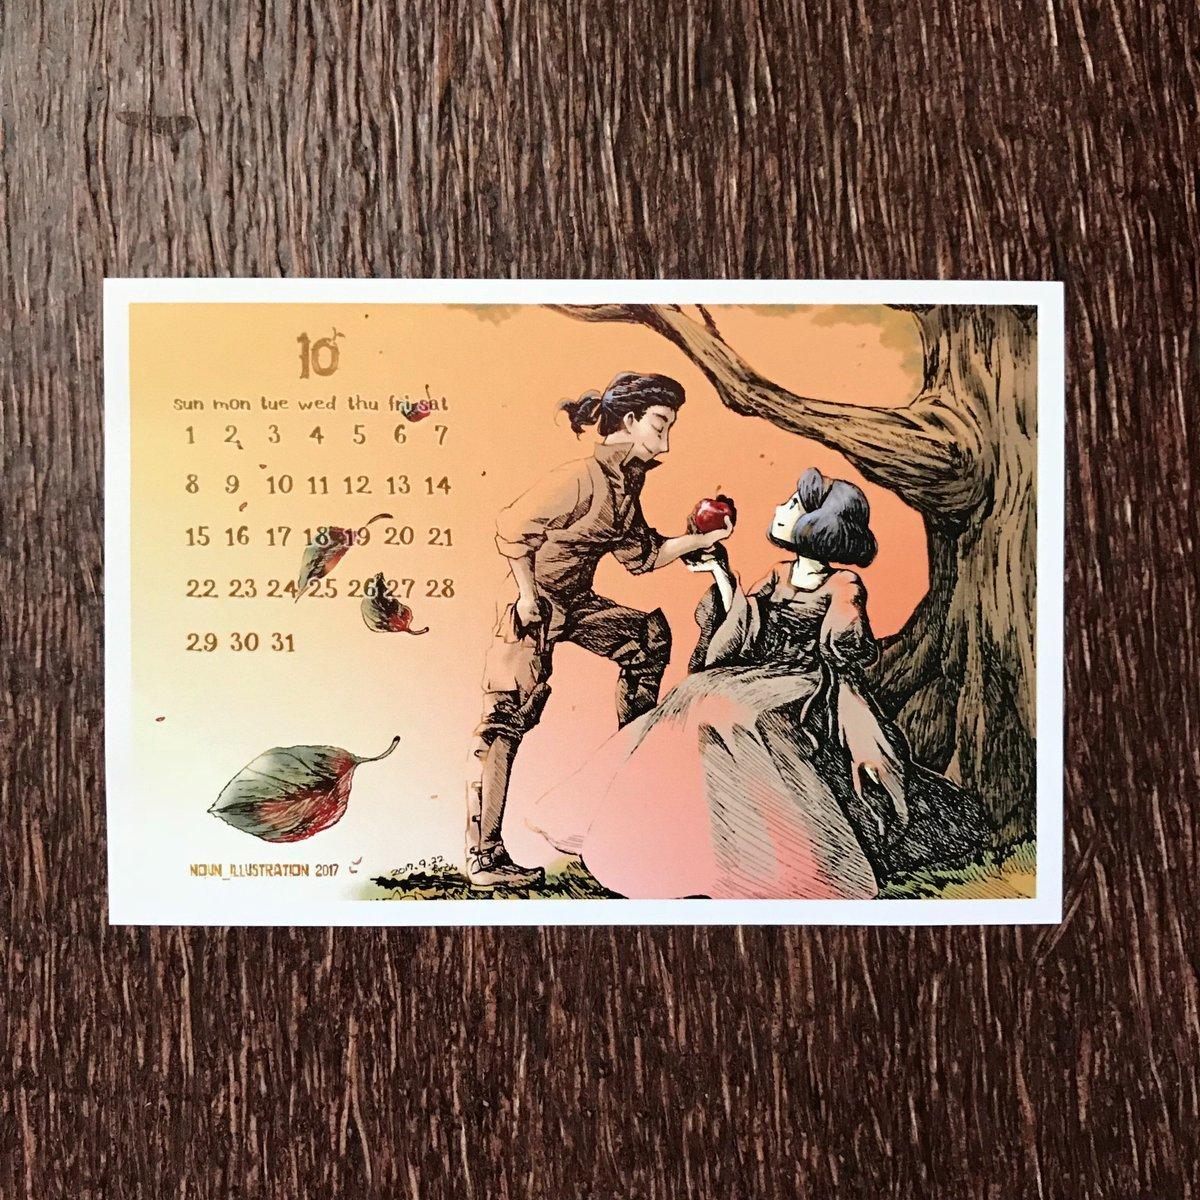 ボールペン画 ポストカード에 대한 이미지 검색결과